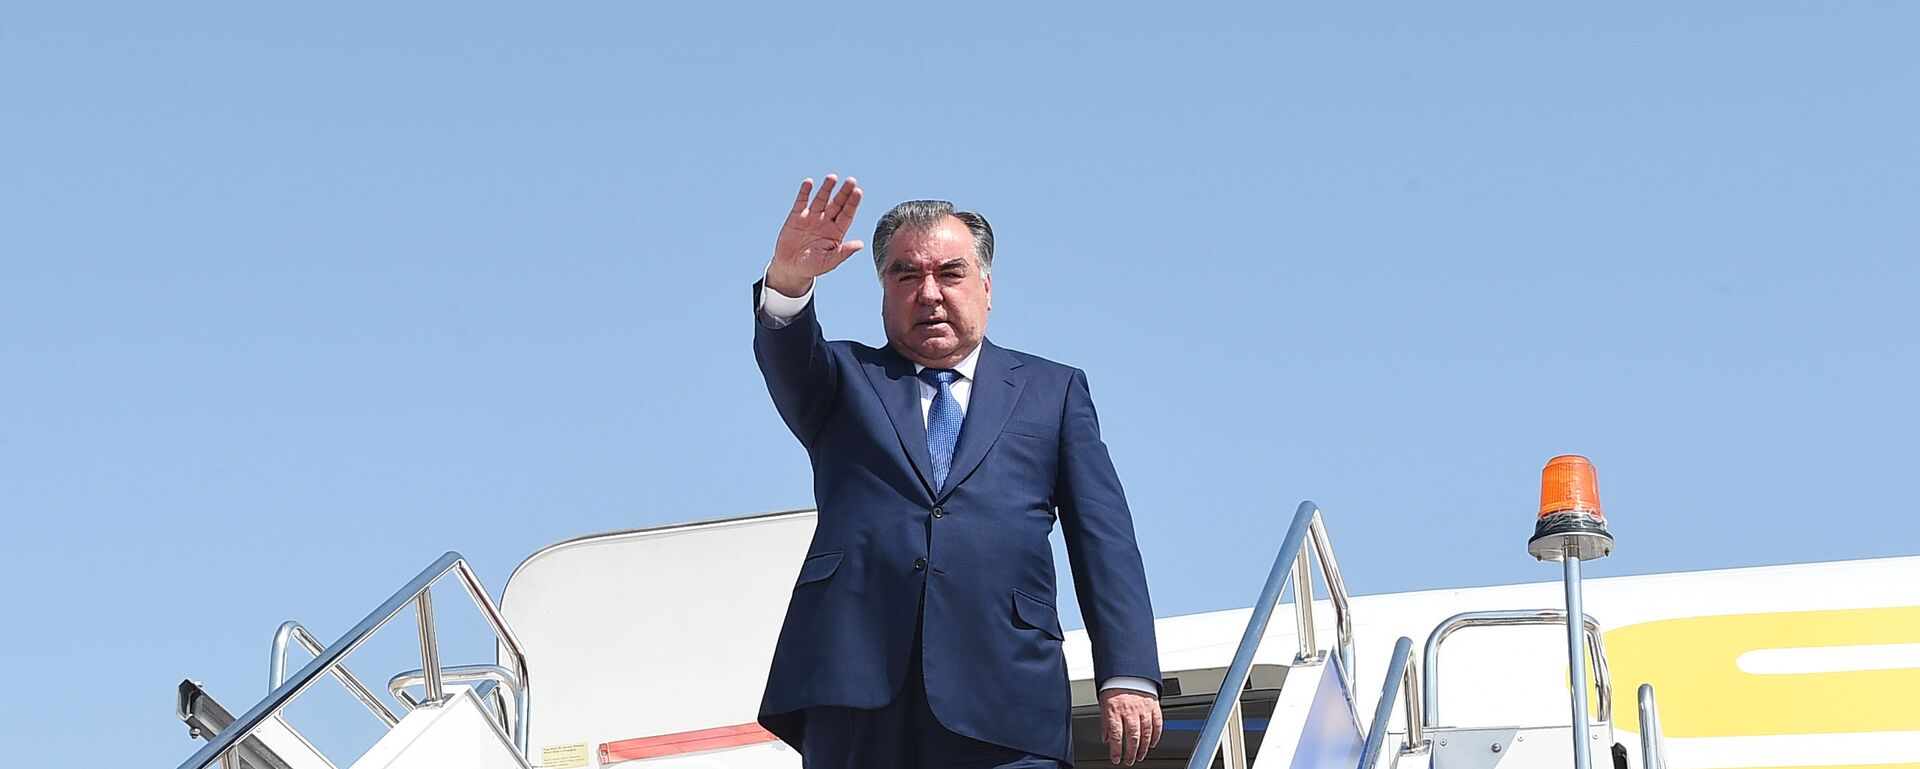 Президент Таджикистана Эмомали Рахмон - Sputnik Таджикистан, 1920, 11.10.2021